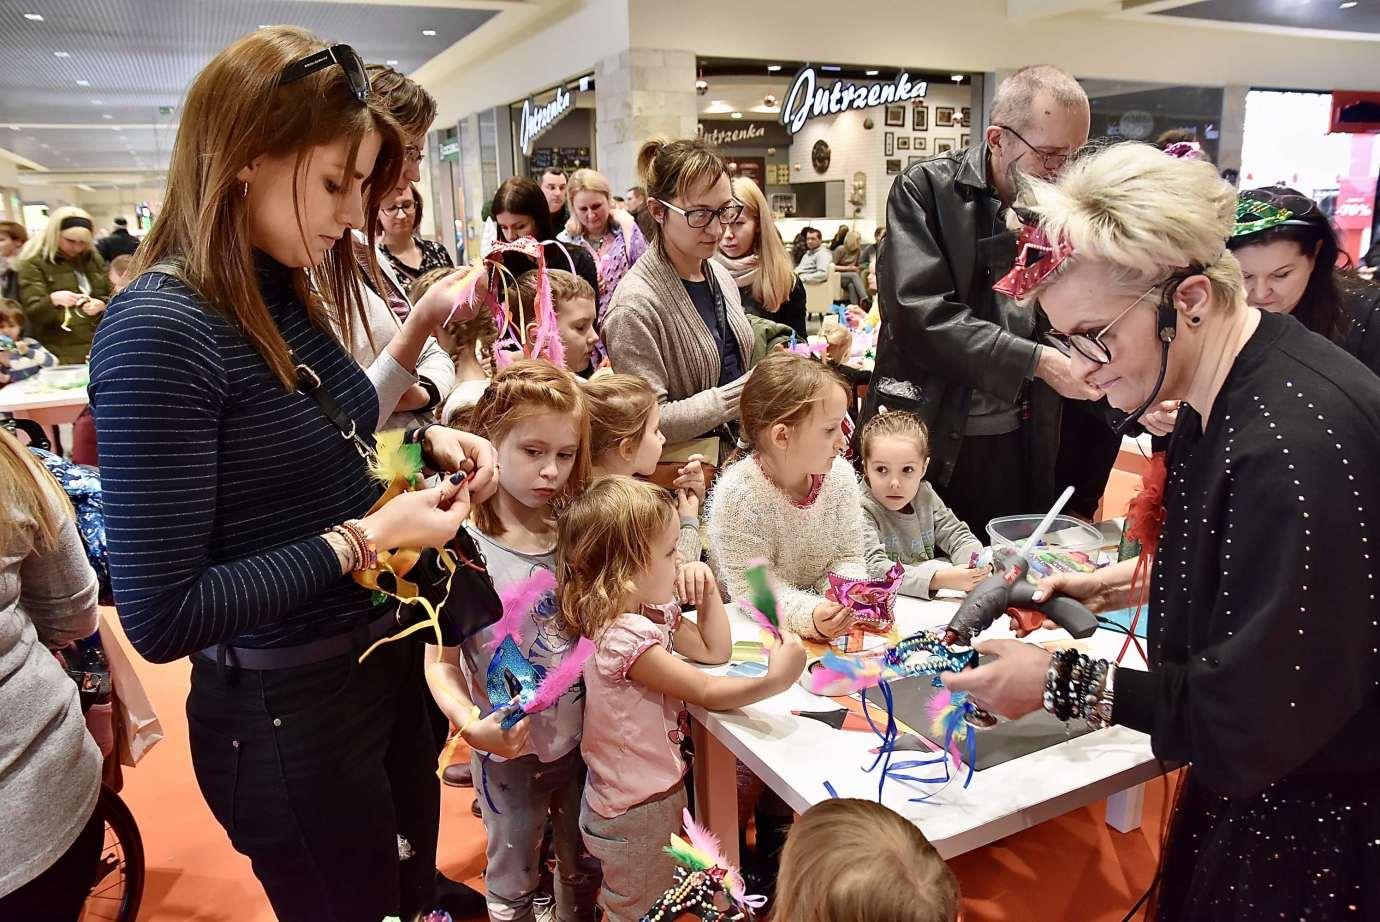 dsc 3967 Zabawa kreatywnych dzieciaków w Galerii Handlowej Twierdza (filmy i zdjęcia)